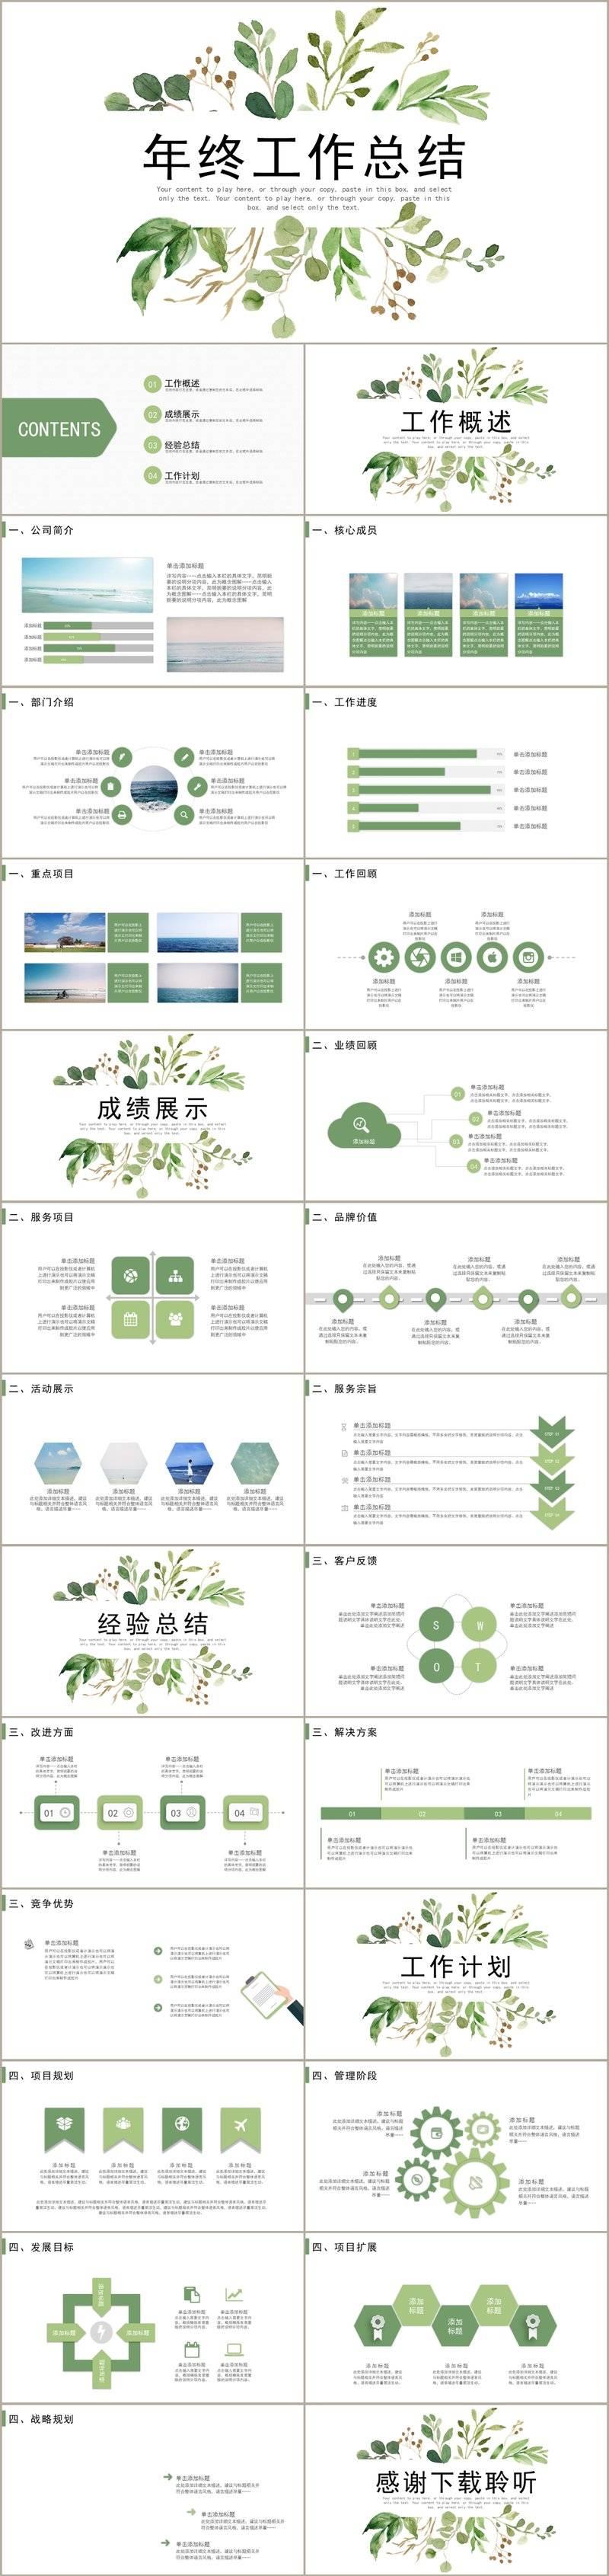 简约绿色小清新公司企业文化简介工作总结PPT模板